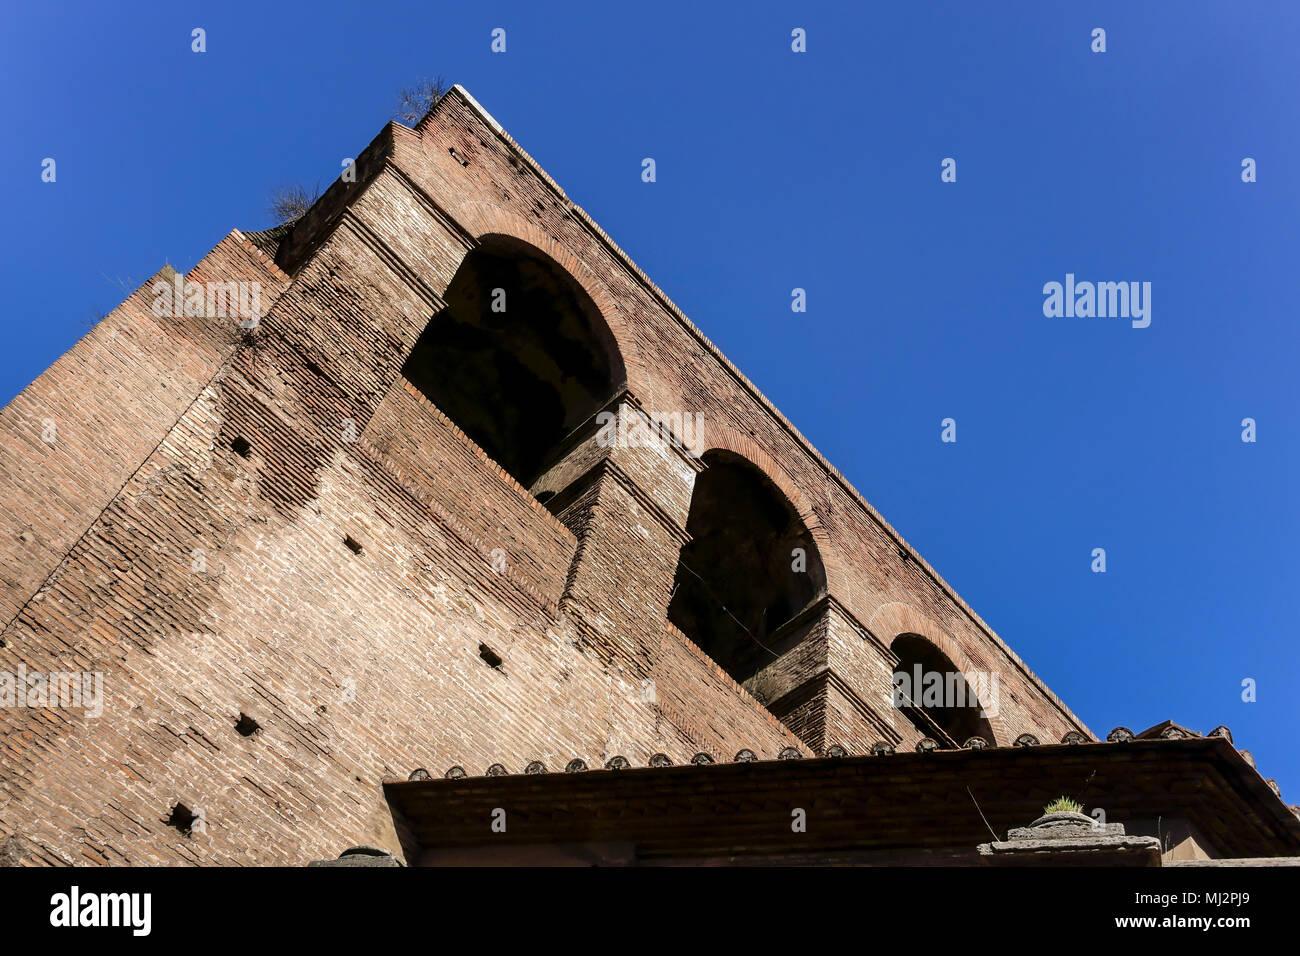 Muralla Aureliana (Mura Aureliane), la antigua Roma las murallas de la ciudad, construida por el emperador Aureliano en el siglo III AD. La herencia del Imperio Romano. Roma, Lacio, Italia. Imagen De Stock